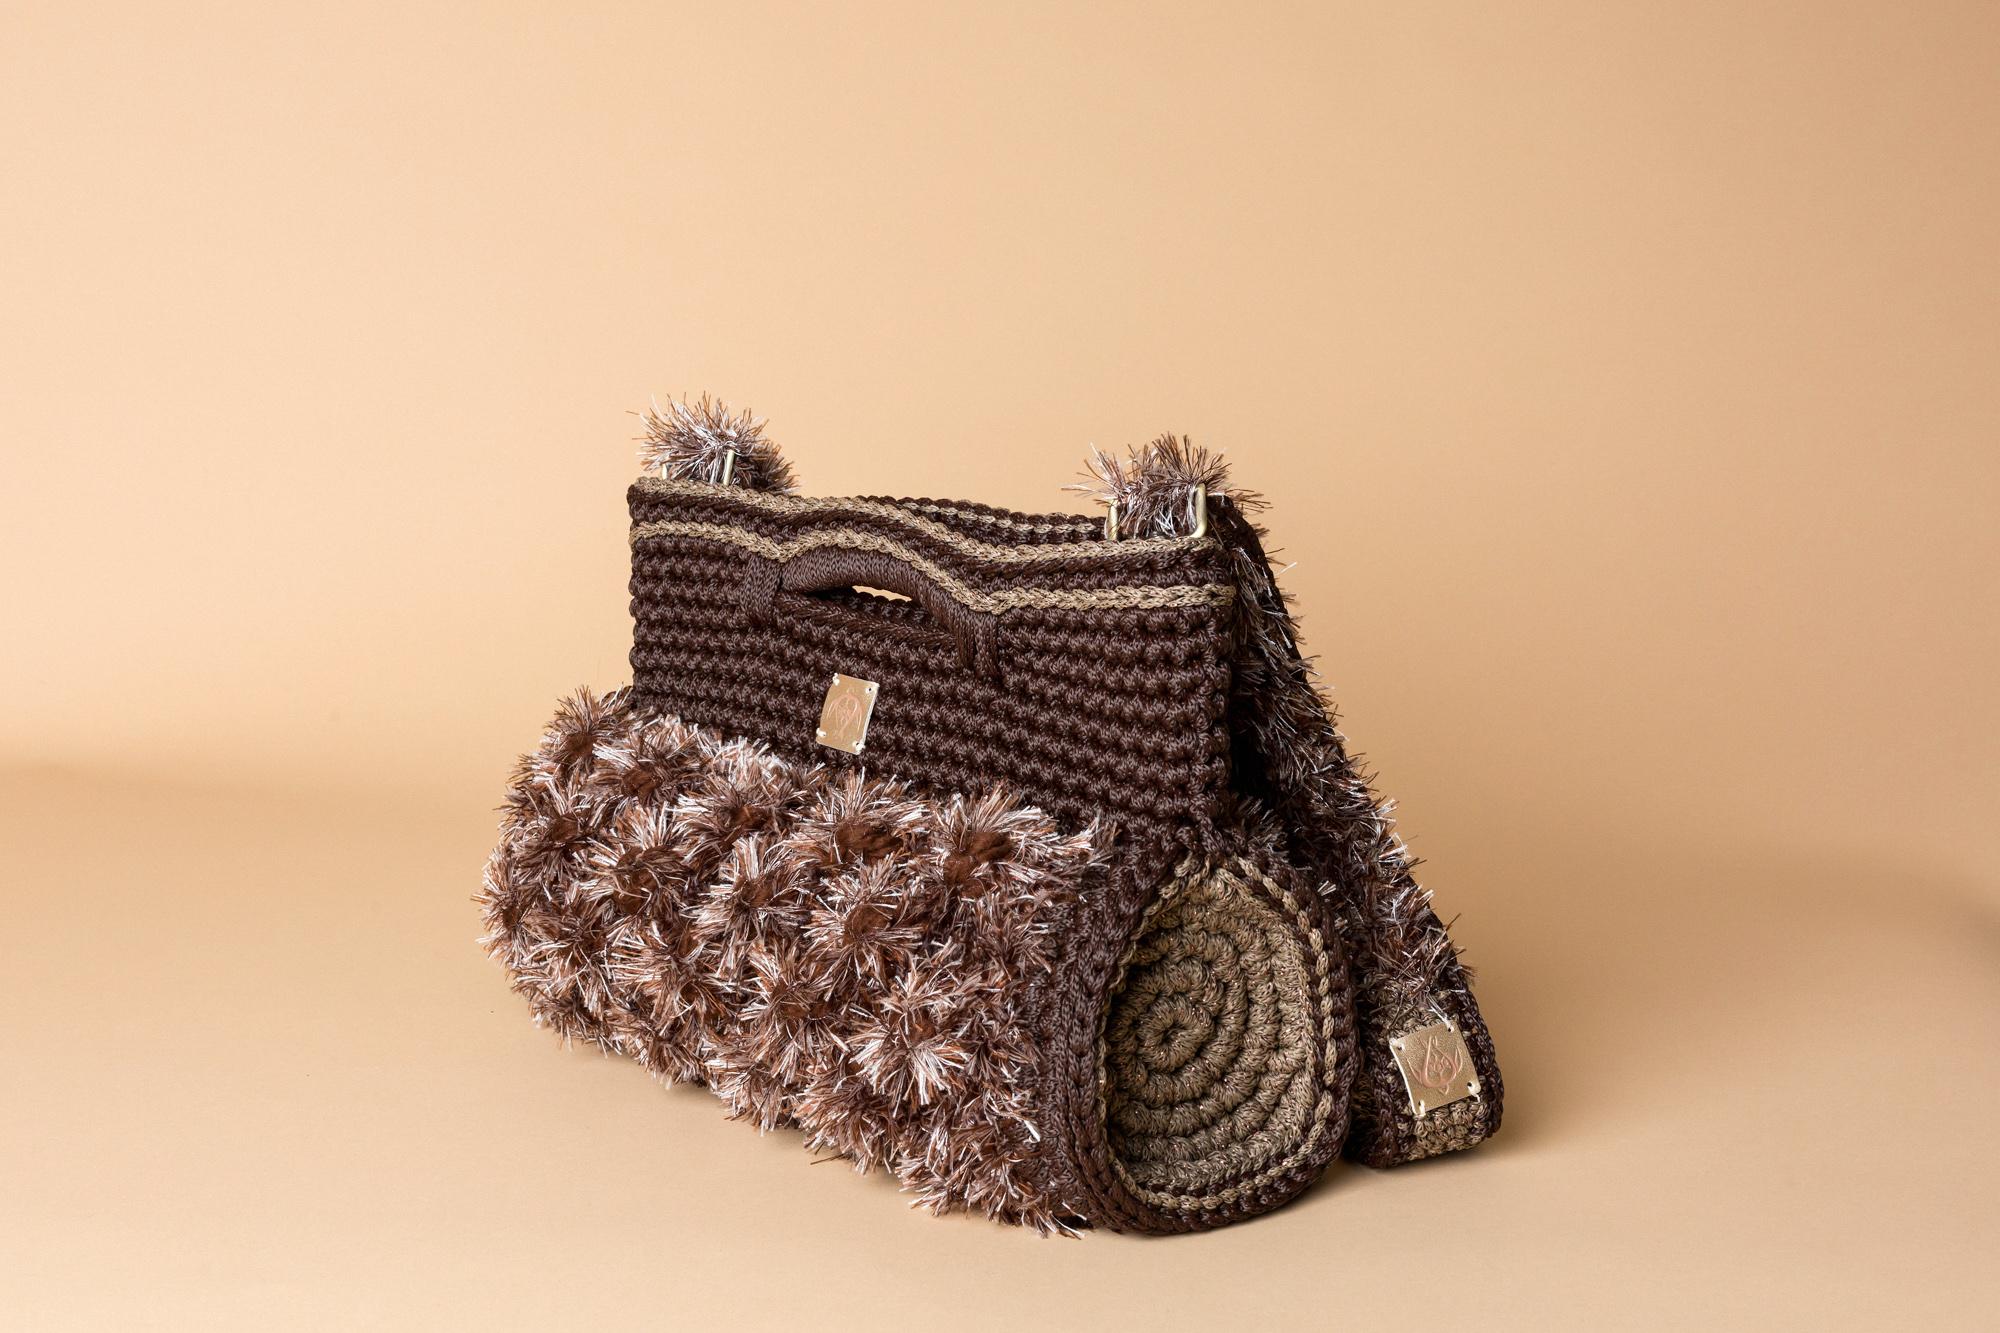 crochet barrel handbag in brown